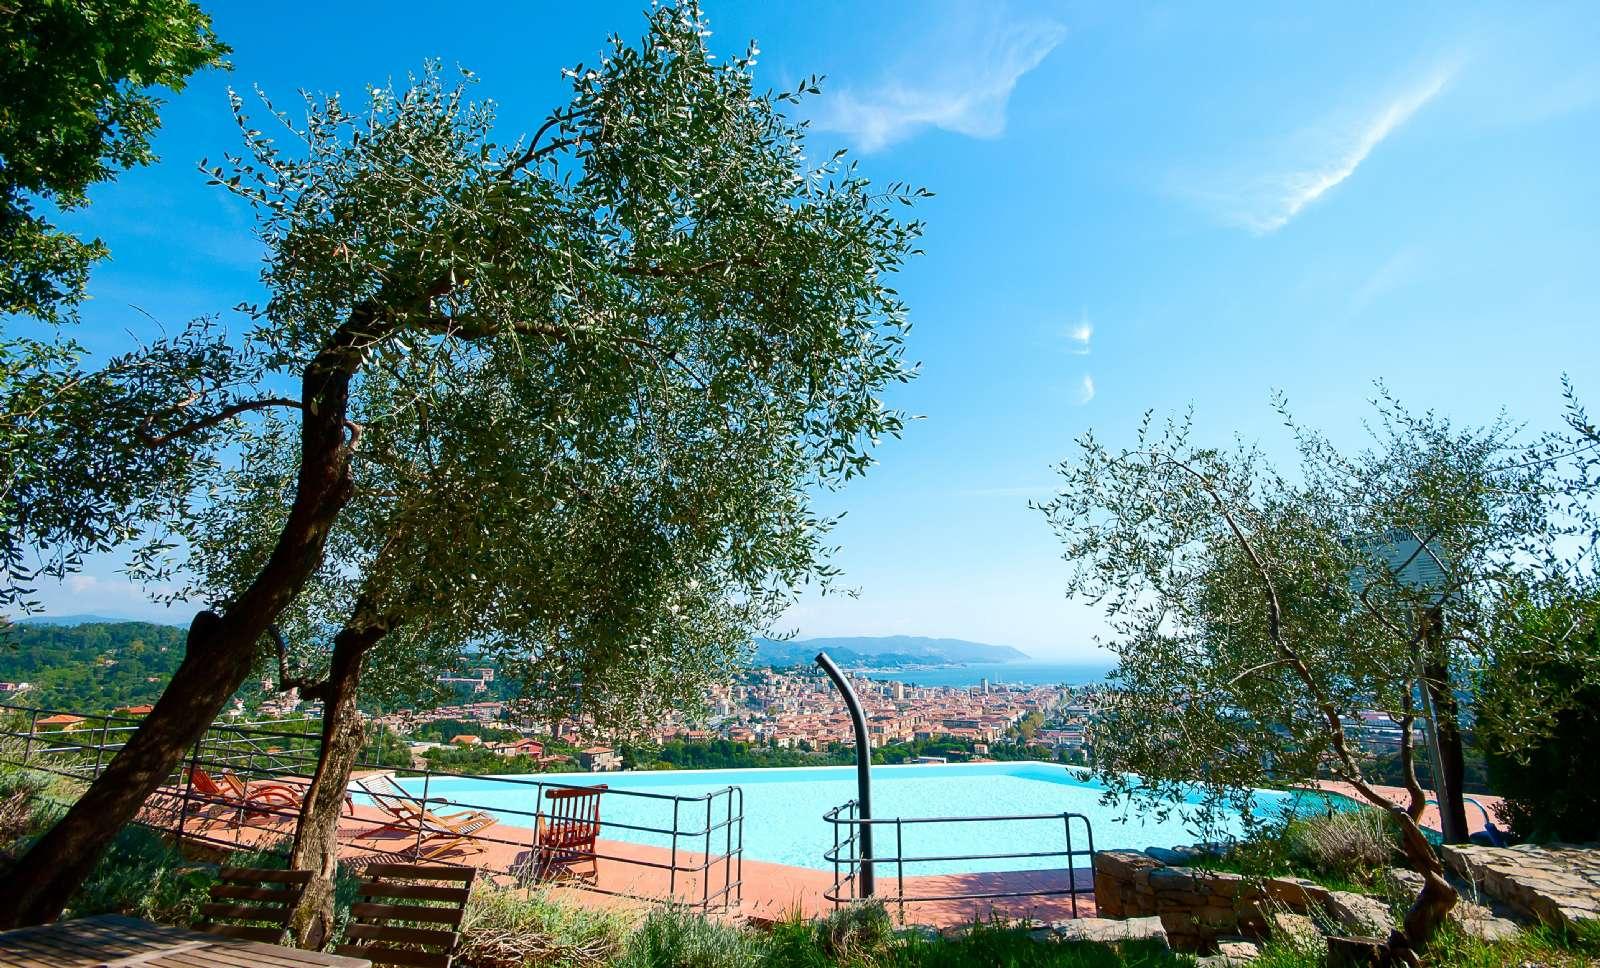 Piscine avec vue sur La Spezia